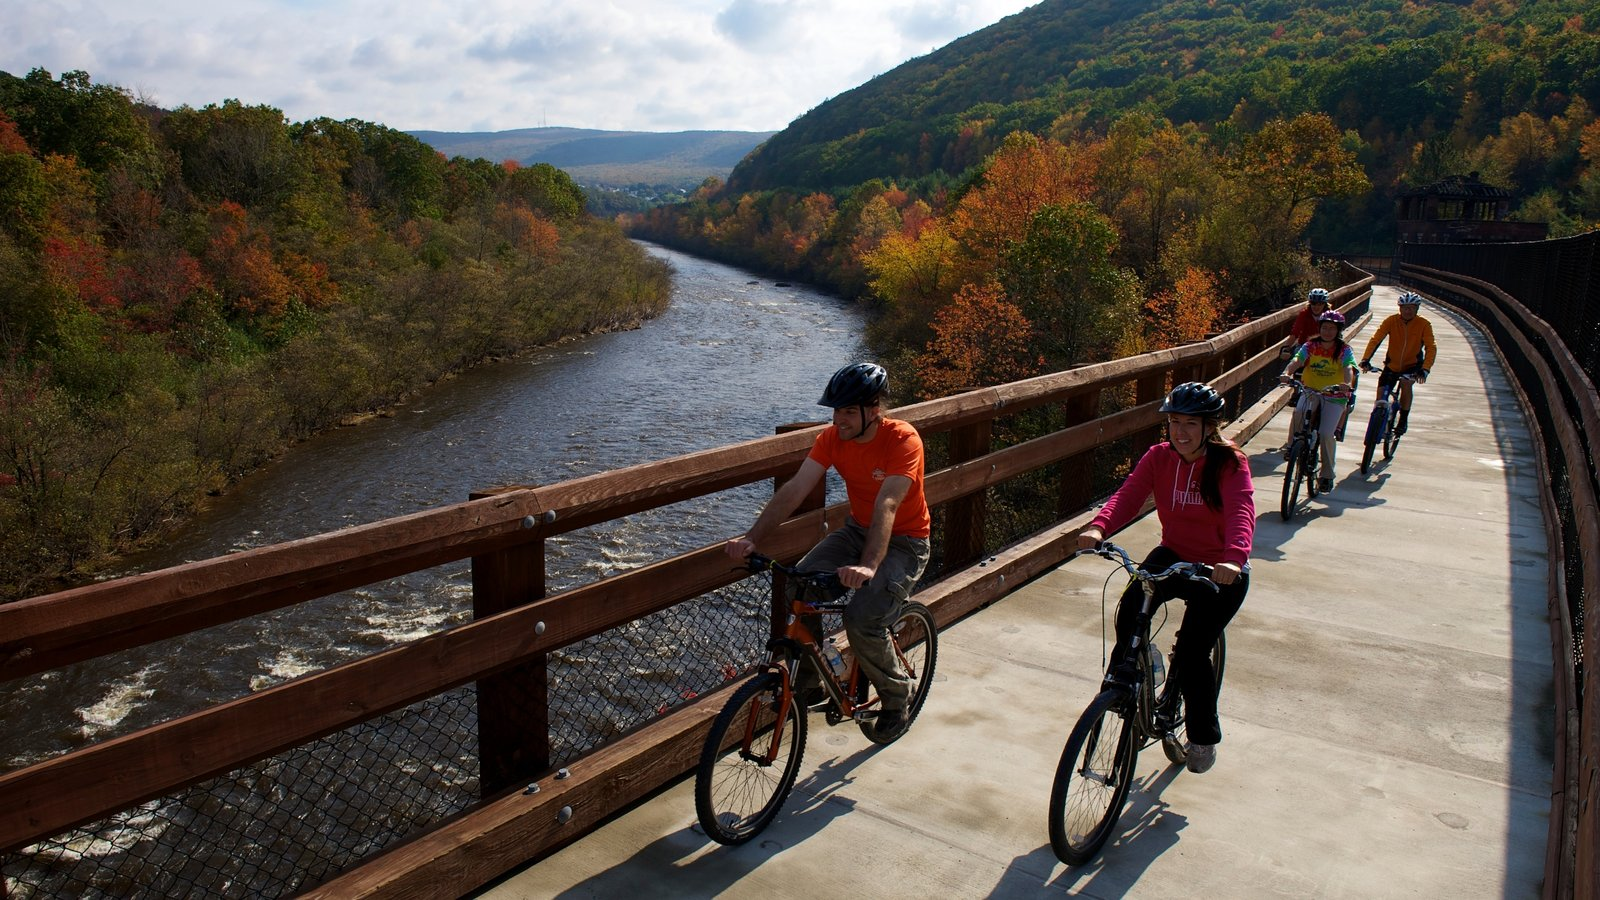 Poconos caracterizando folhas de outono, ciclismo e cenas tranquilas